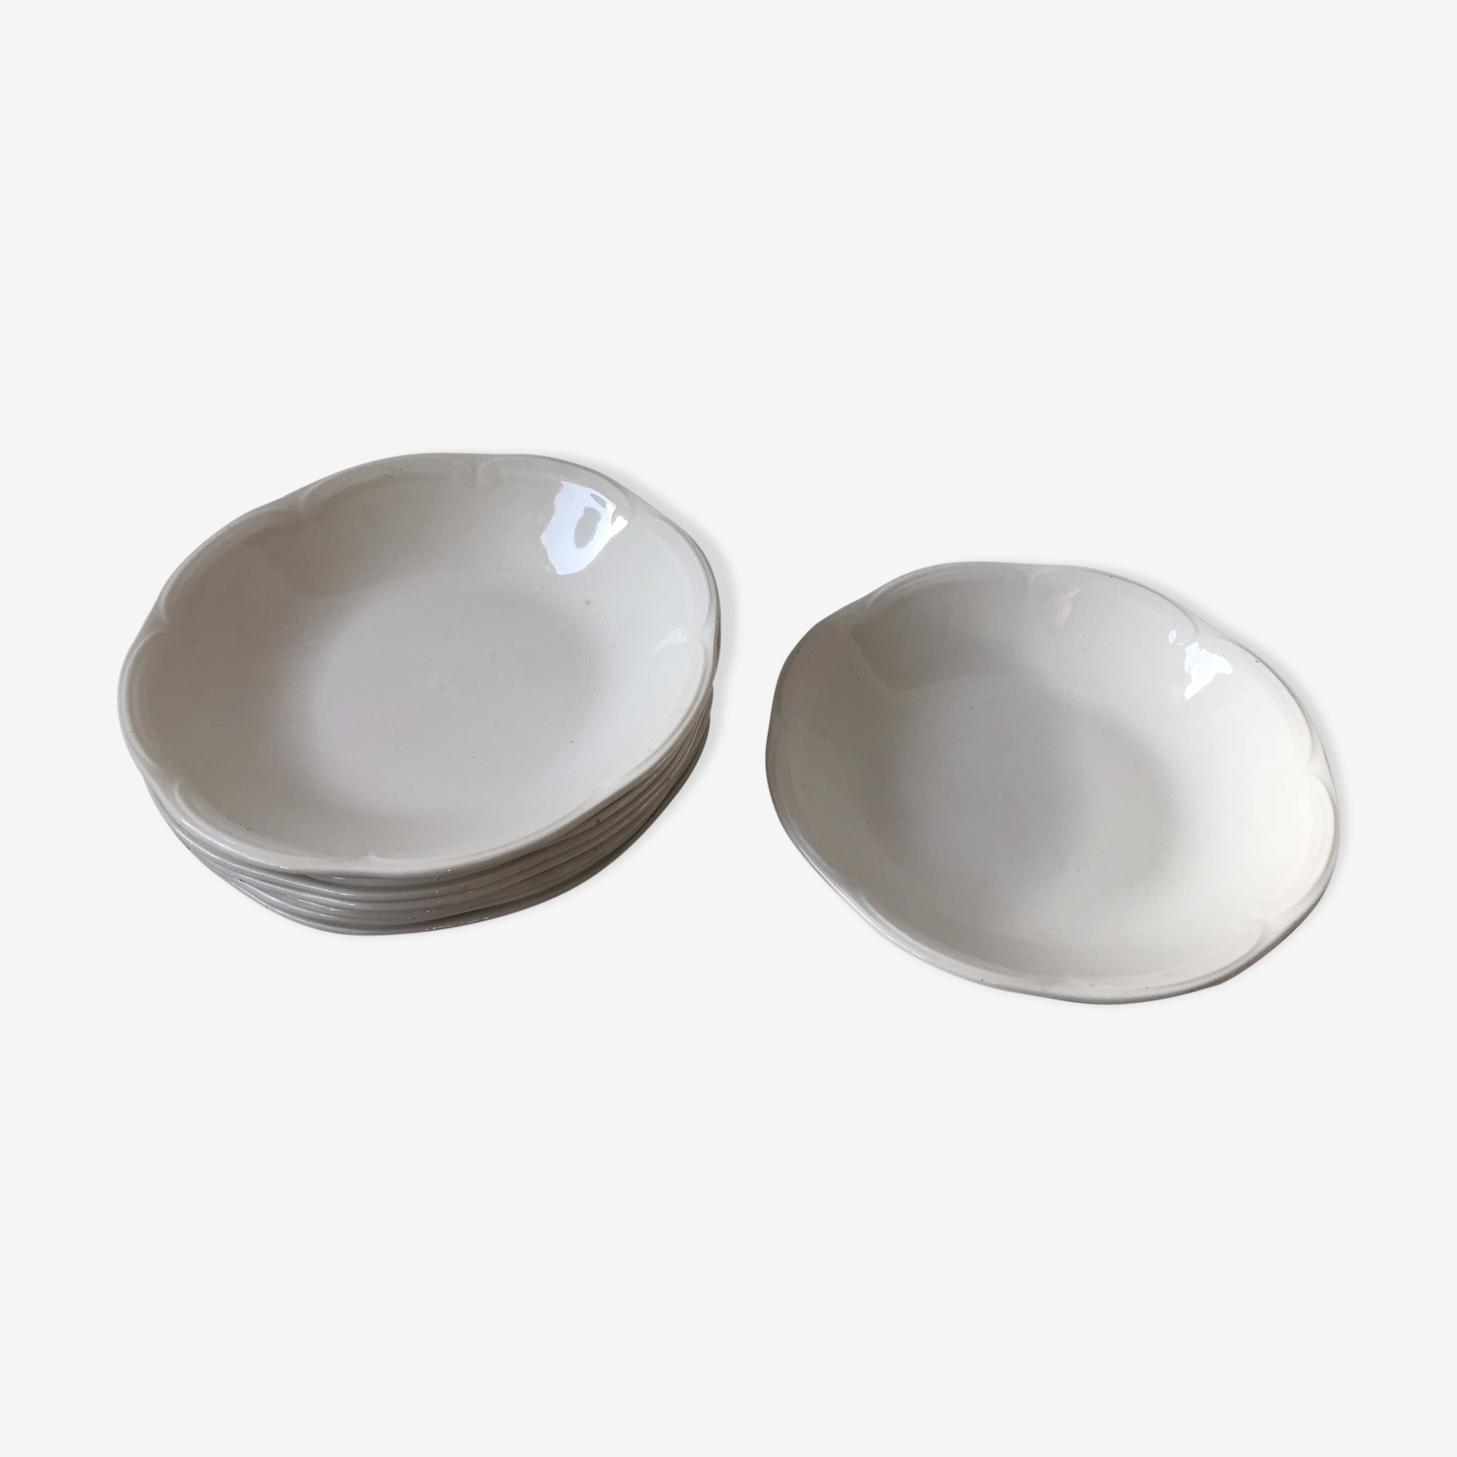 Set of 8 plates hollow porcelain